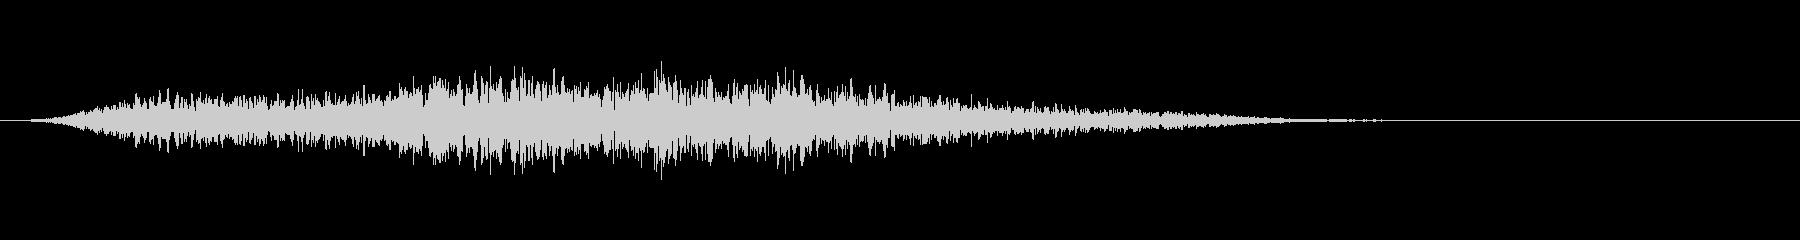 SFの音楽アクセントの未再生の波形